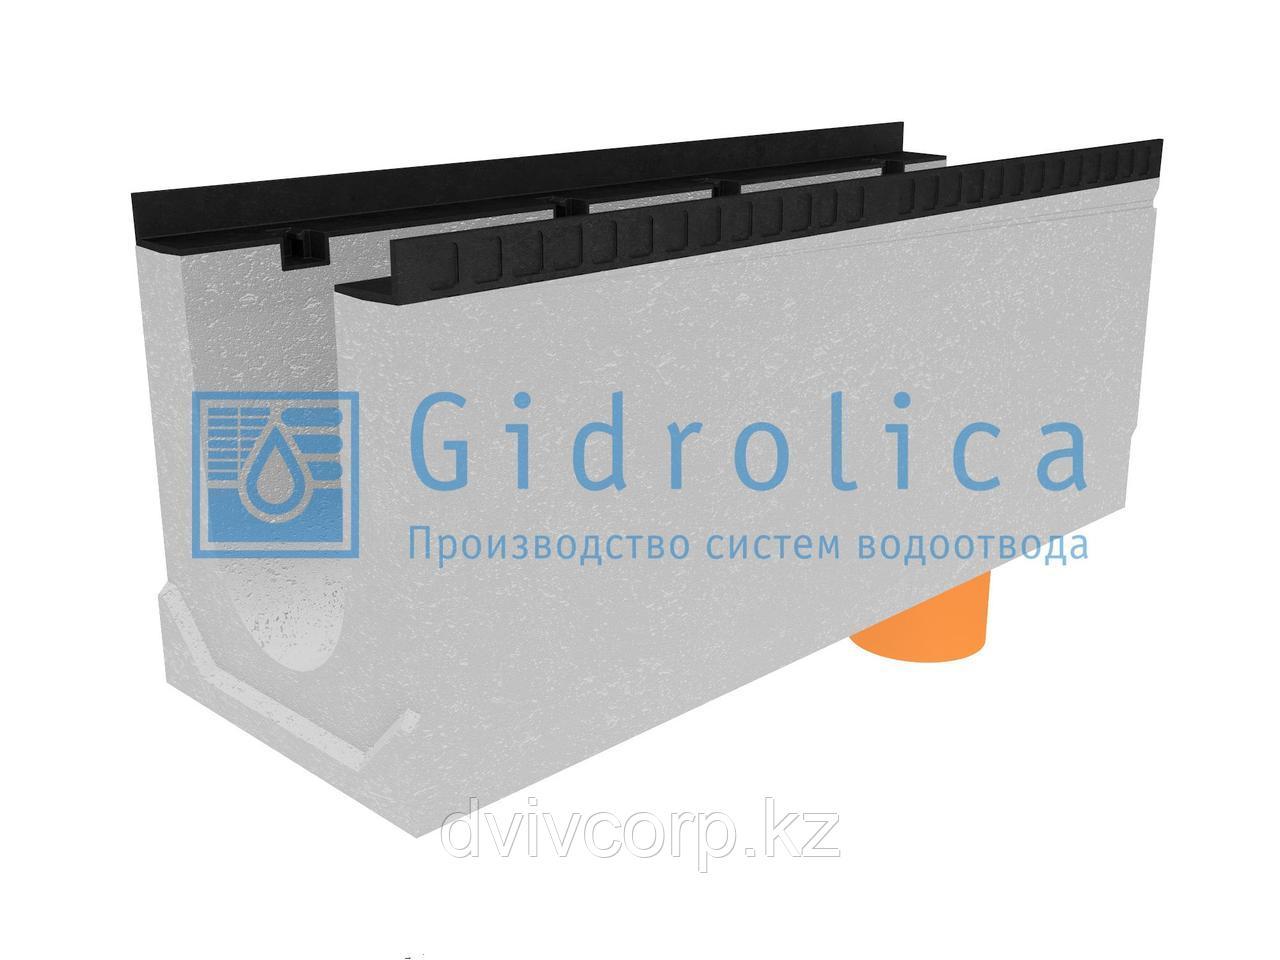 Лоток водоотводный бетонный коробчатый (СО-200мм), с водосливом КUв 100.34(20).41(34) - BGМ, № 20-0